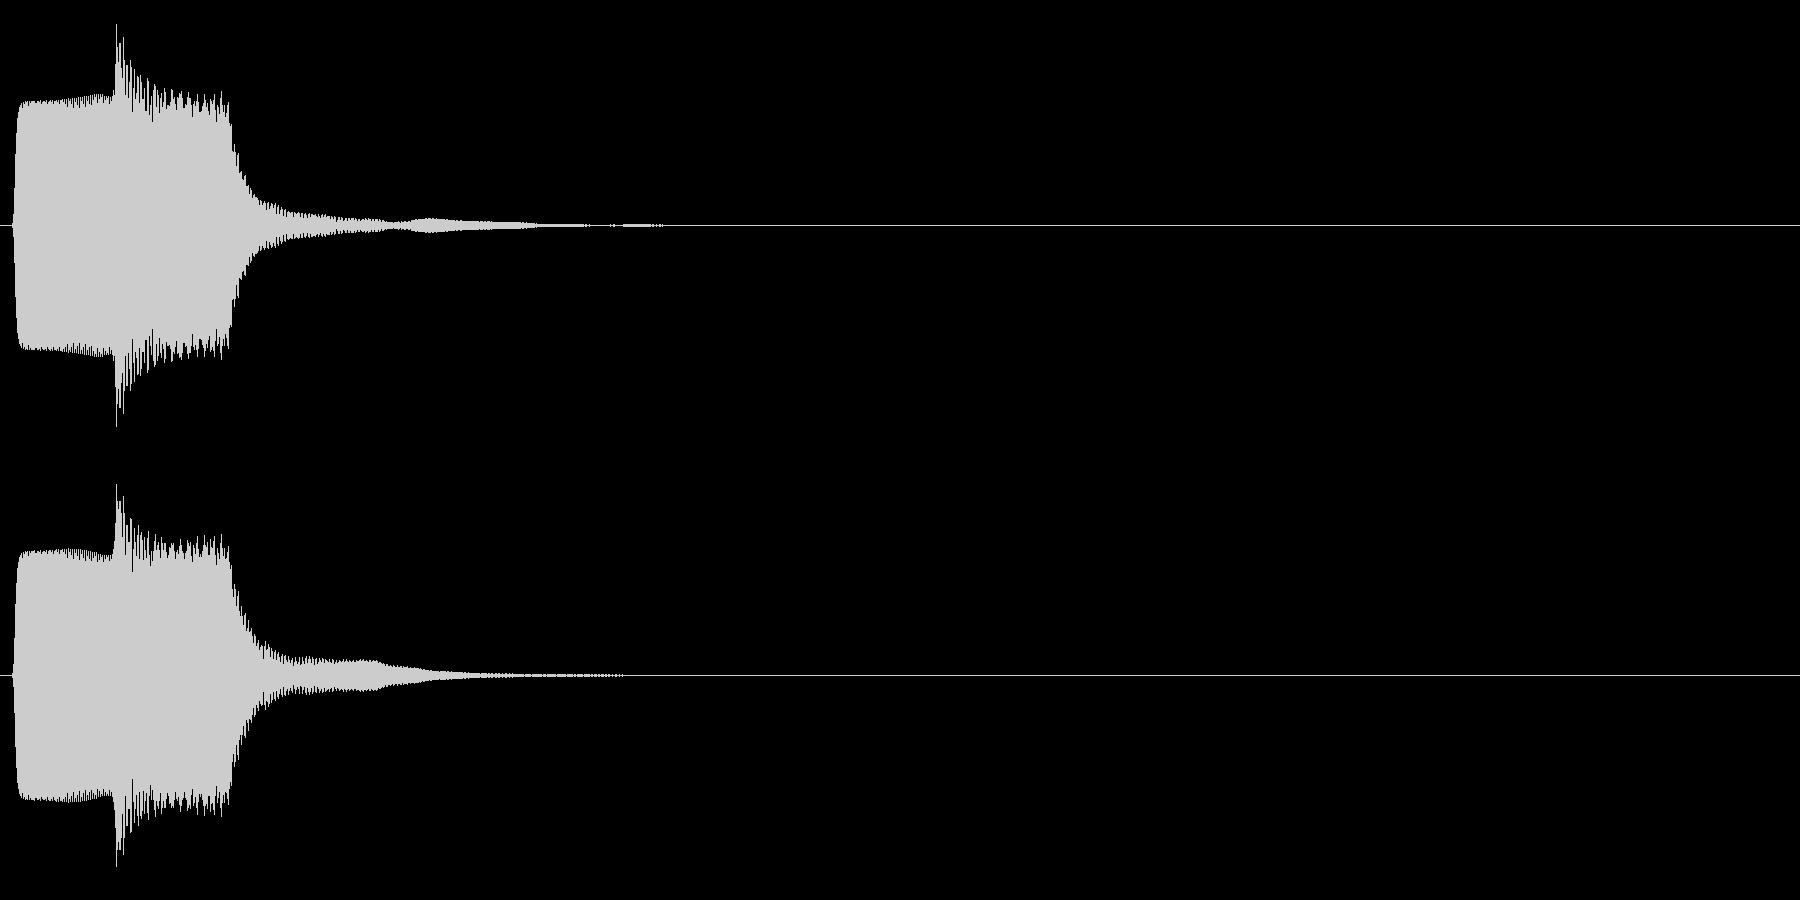 ピコン_矩形波(終了,停止,通知)_03の未再生の波形